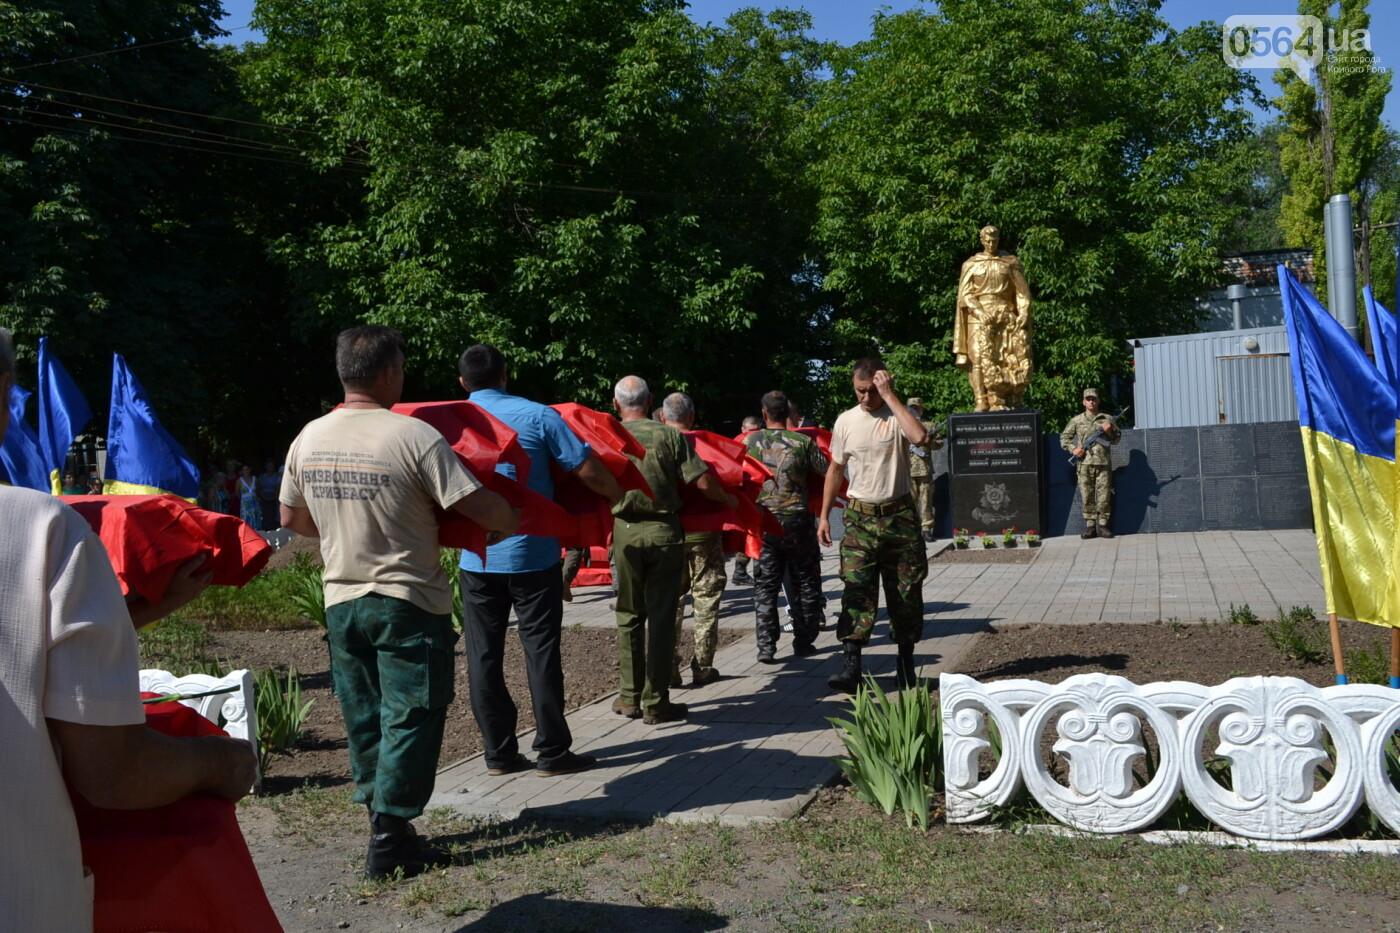 Вечная память! На Криворожье торжественно захоронили останки 43 воинов Второй мировой, - ФОТО, ВИДЕО, фото-4